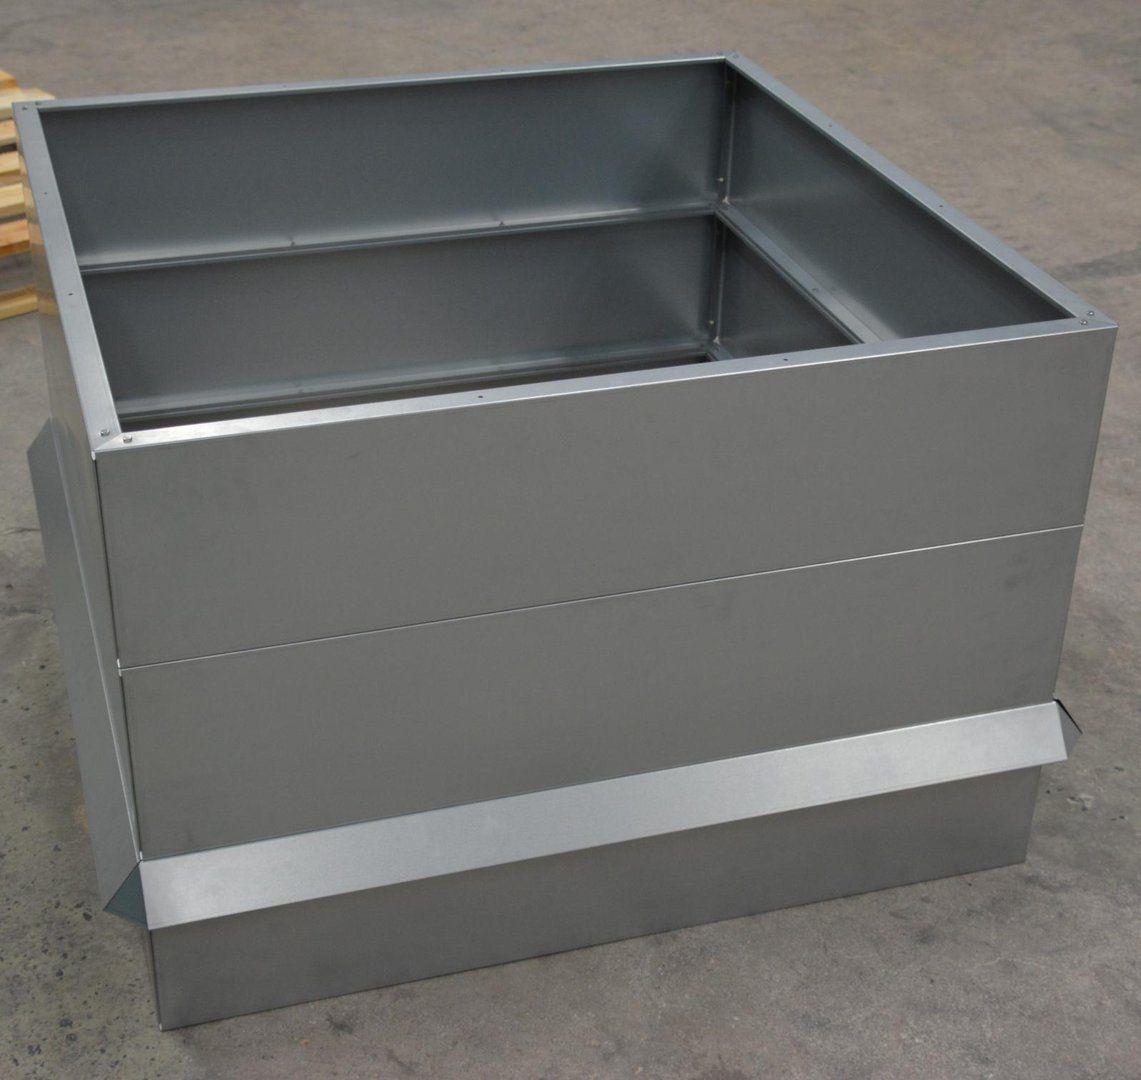 Hochbeet Metall Mit Schneckenzaun Metall 1mx1m 68 Cm Hoch Giardino